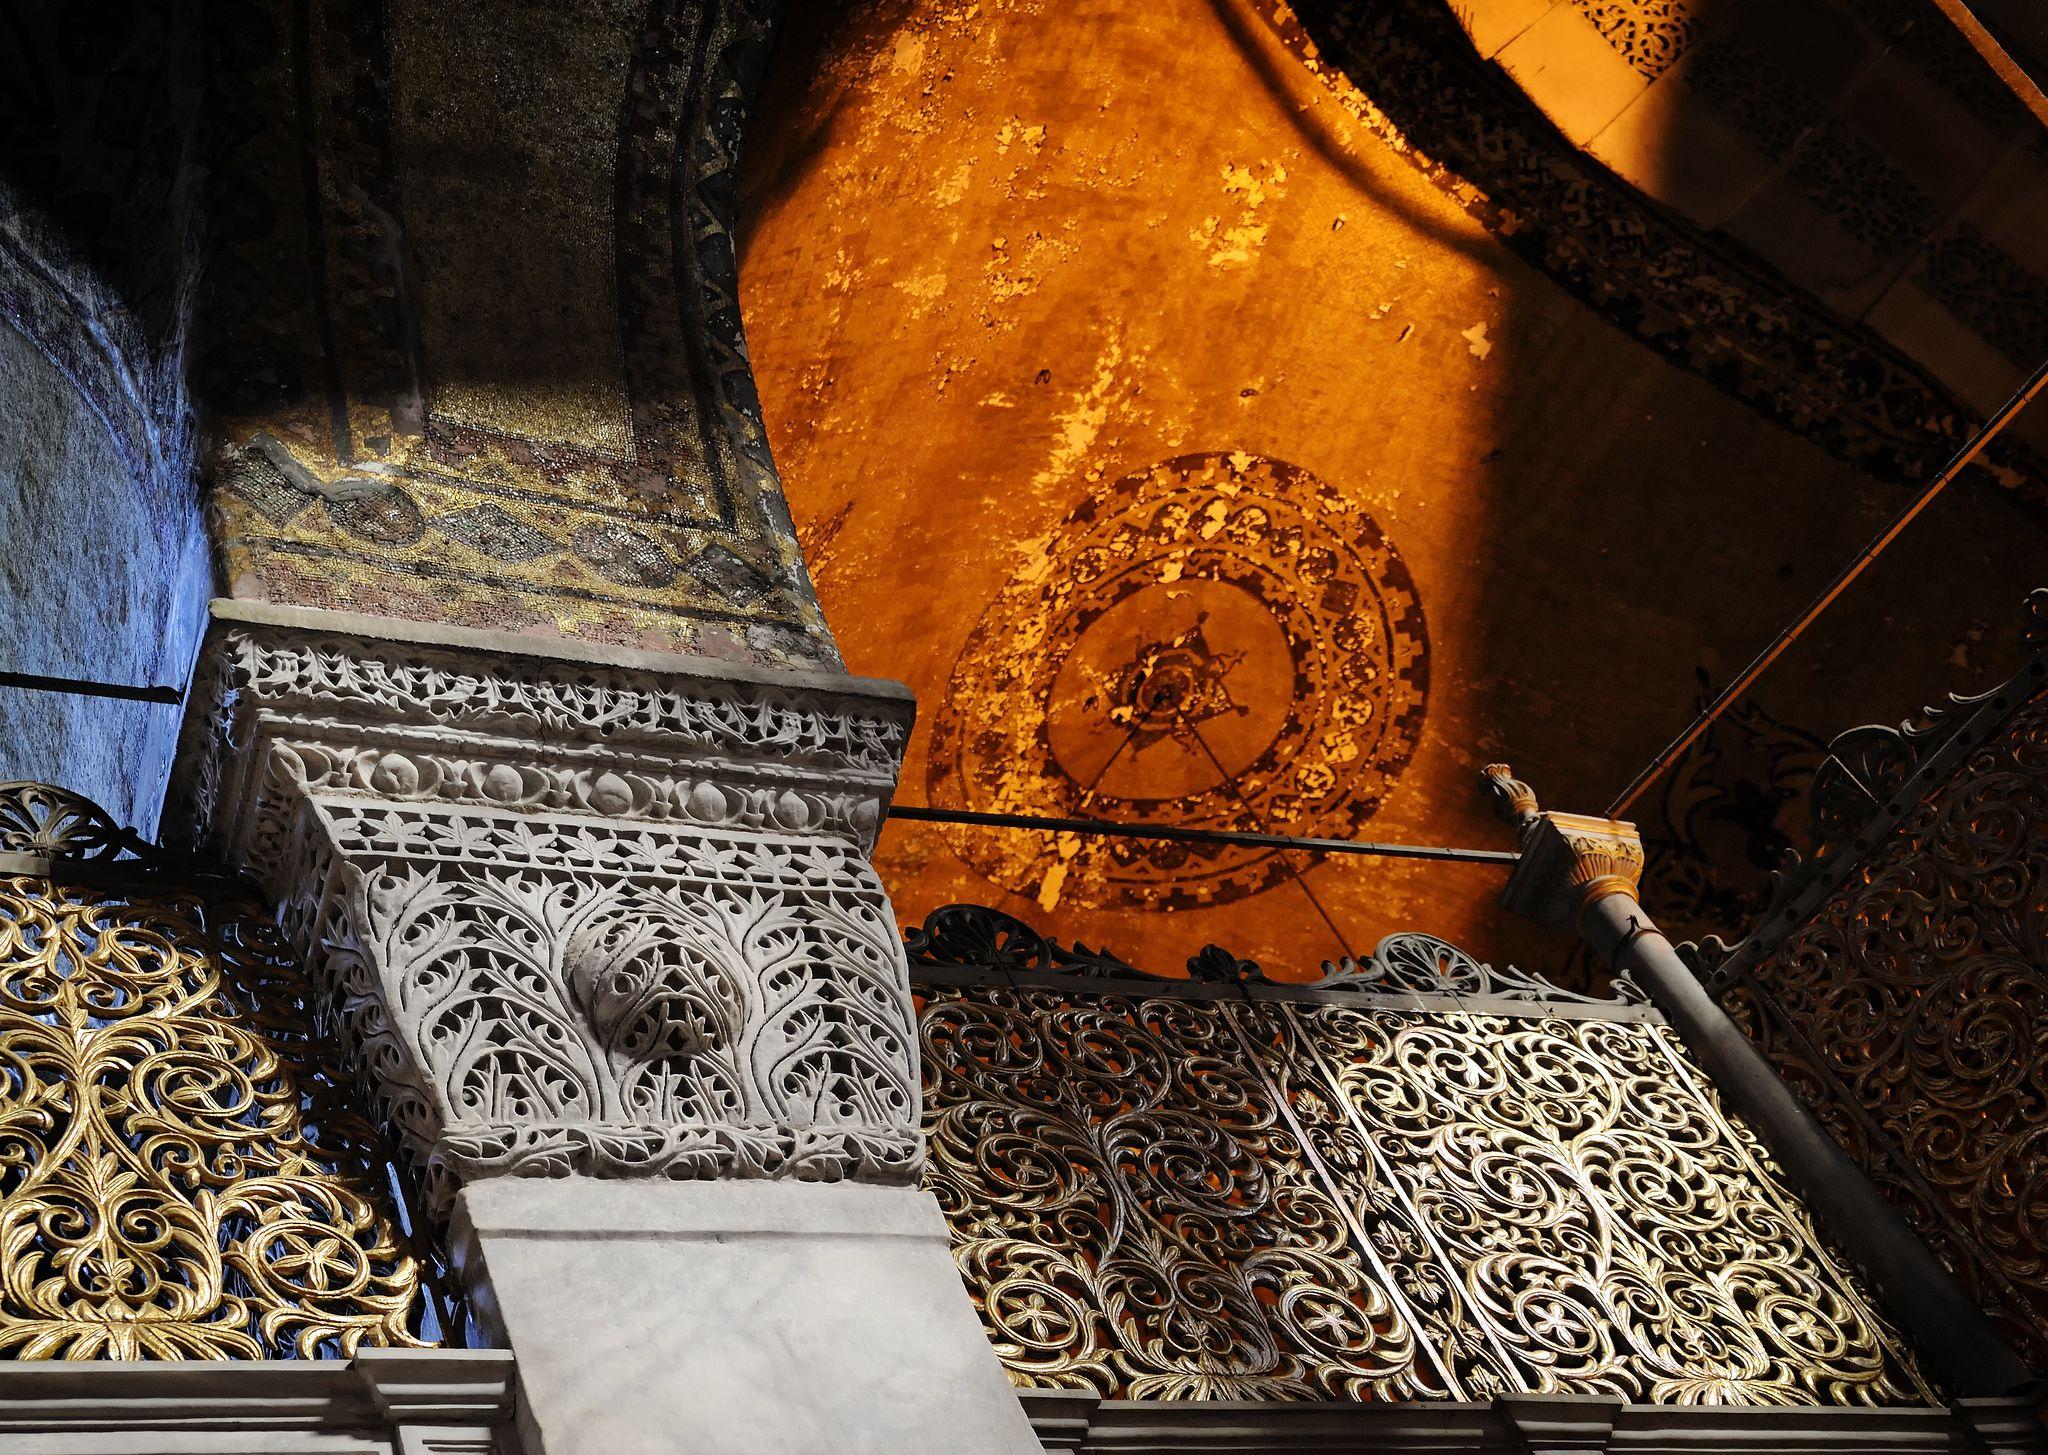 https://flic.kr/p/fMBzLF | Hagia Sophia's colors | Europe - Turquie - Istanbul : Sainte Sophie Europe - Turkey - Istanbul : Hagia Sophia